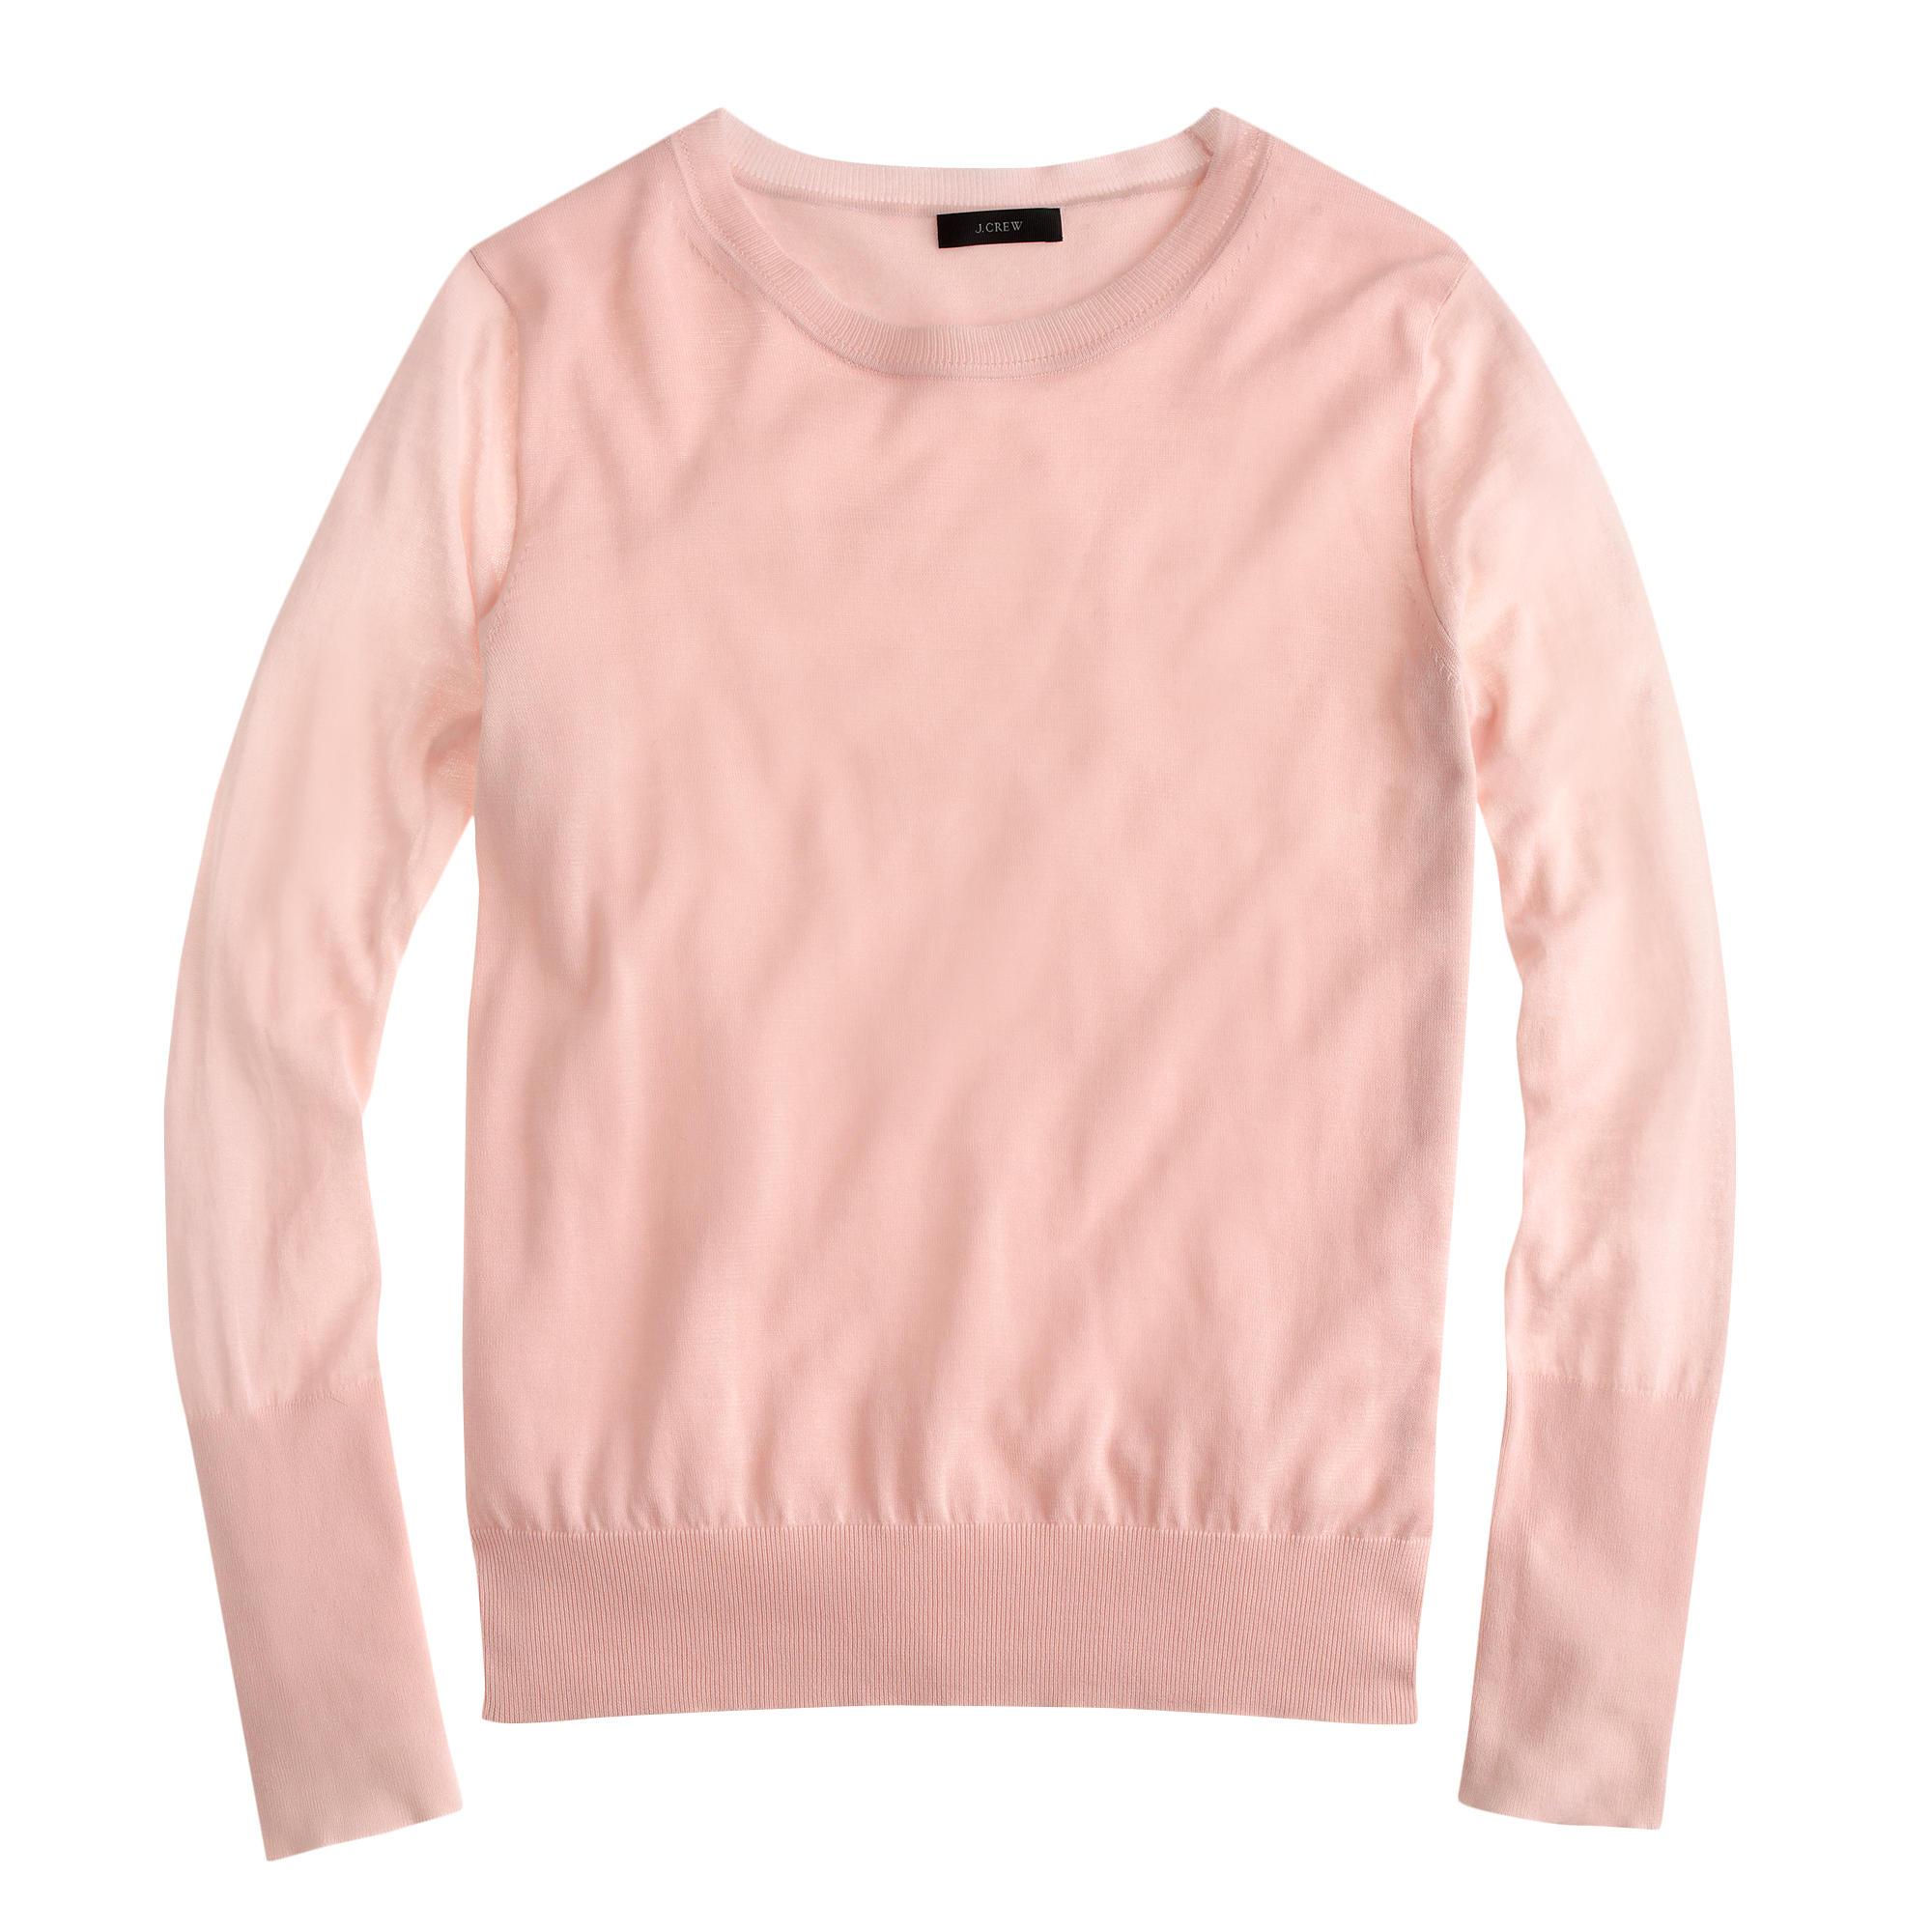 J.crew Summerweight Cotton Sweater in Pink | Lyst